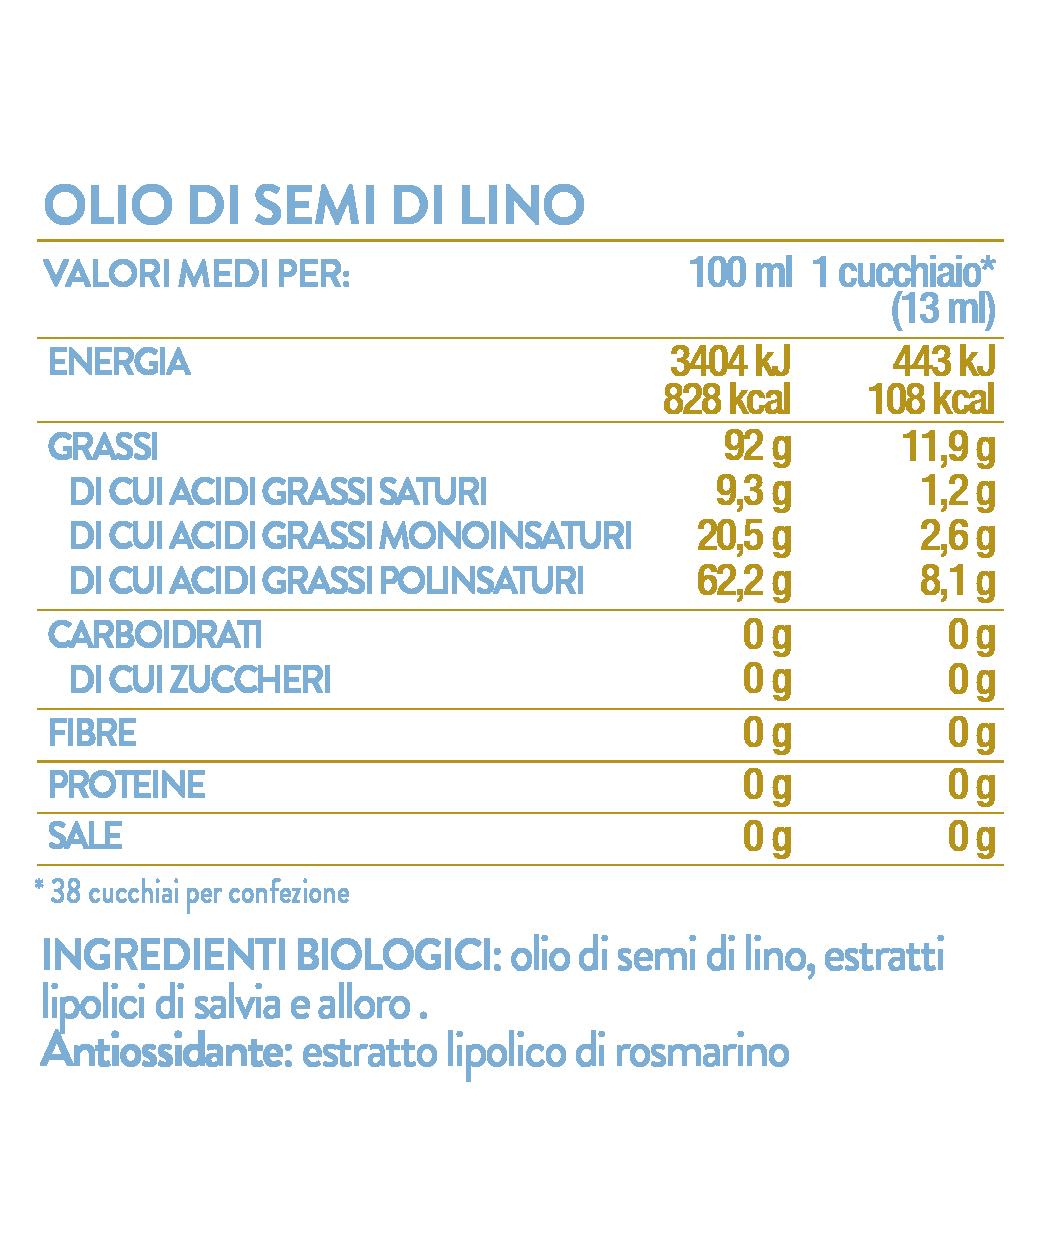 TABELLE NUTRIZIONALI WEB_LINO